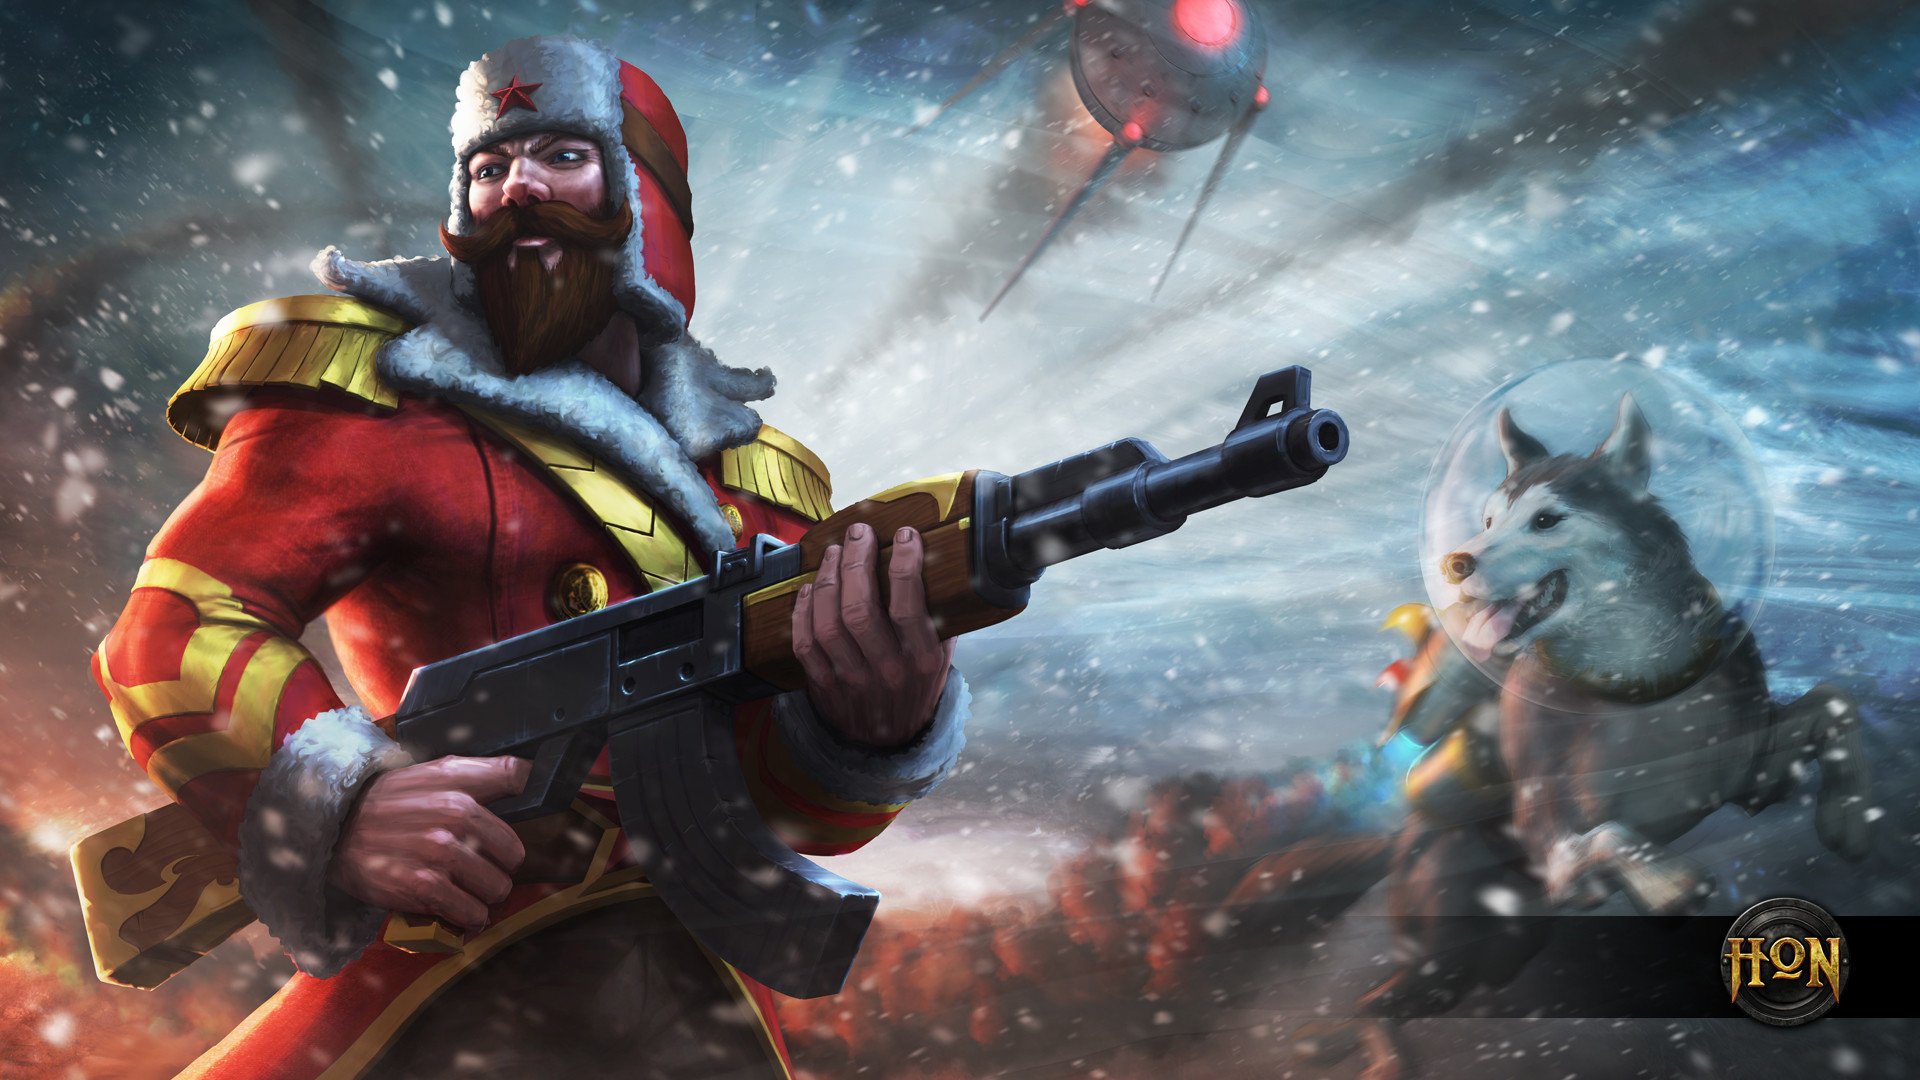 Winter Soldier Klanx Wallpaper